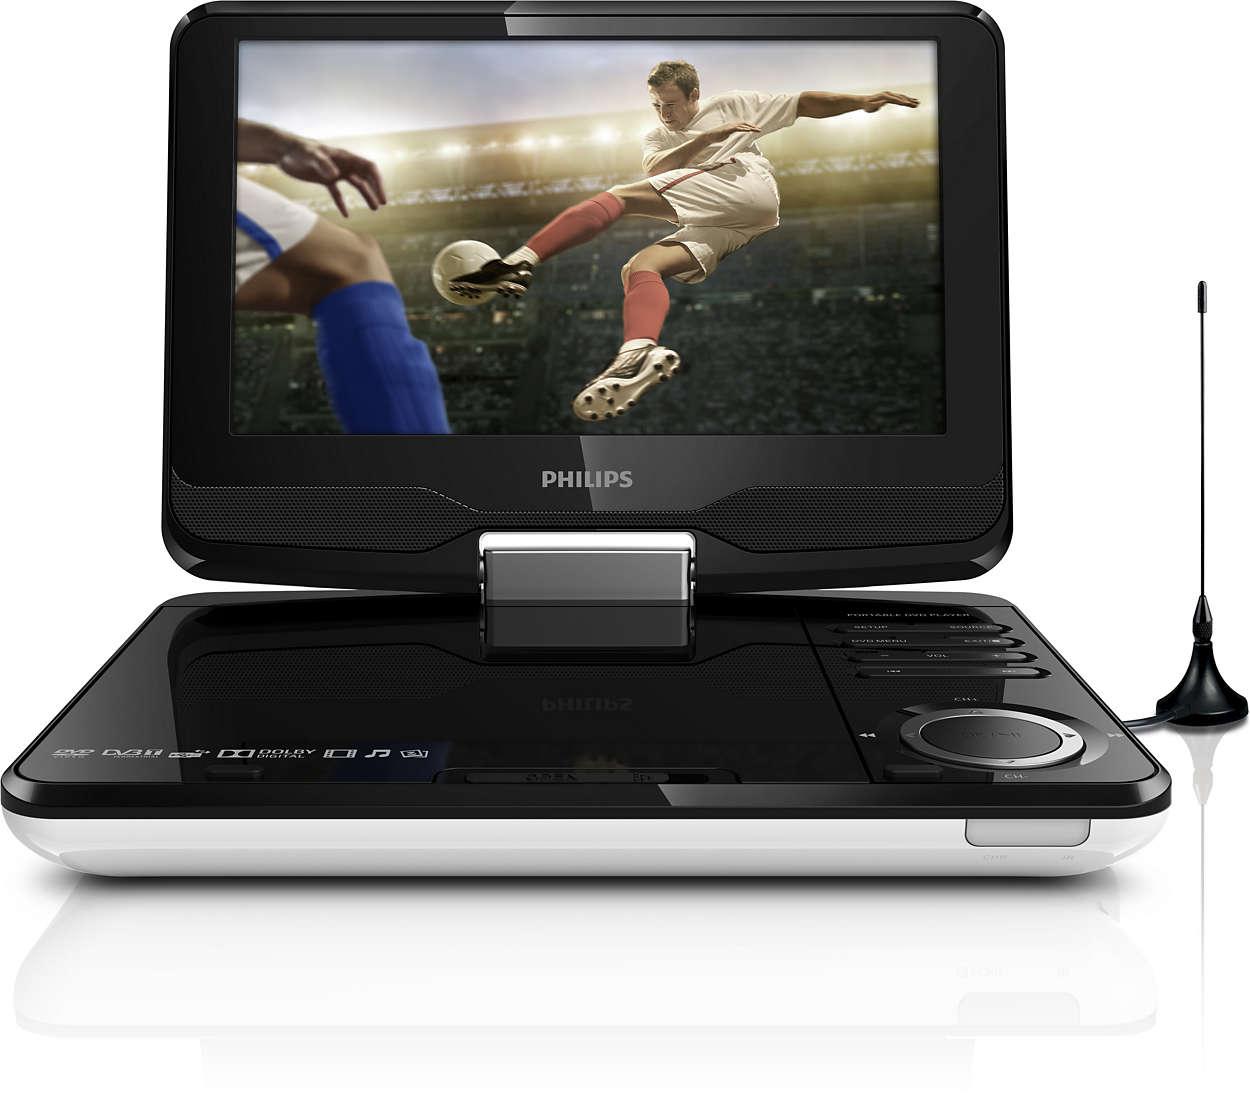 Žiūrėkite mėgstamas HD TV* programas ir DVD įrašus bet kur